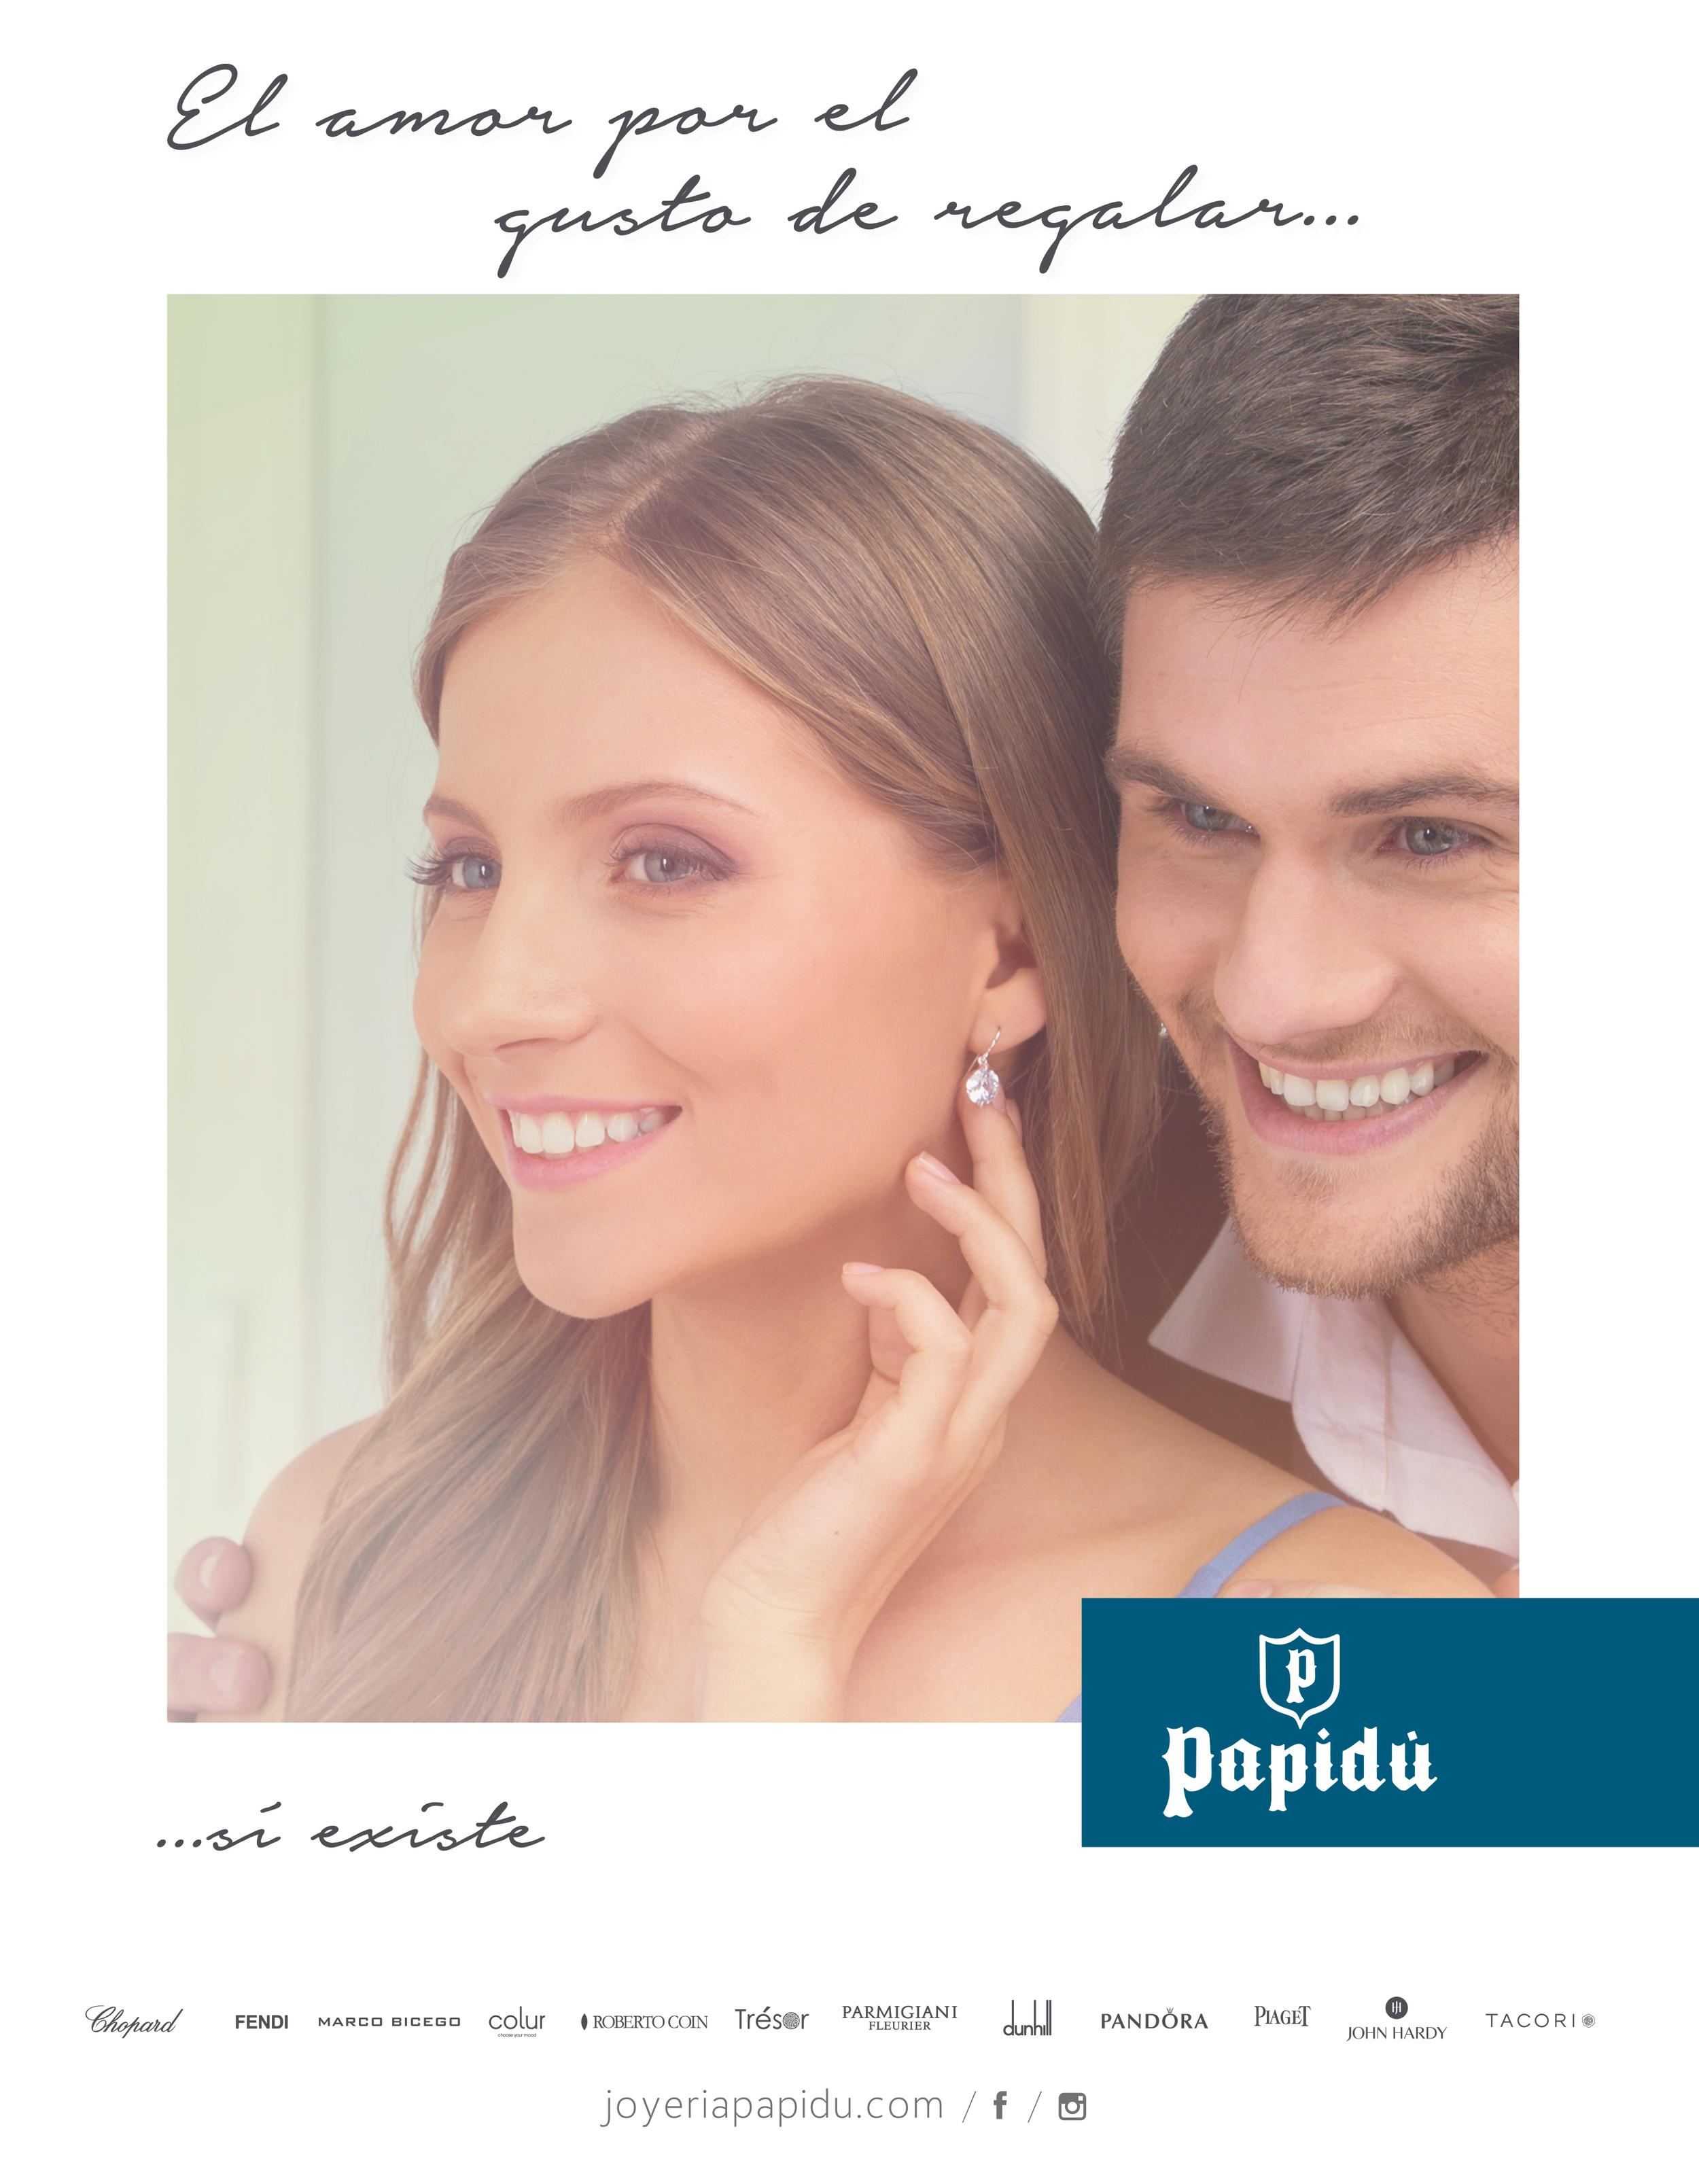 Visual_papidu_juannio_regalo.jpg